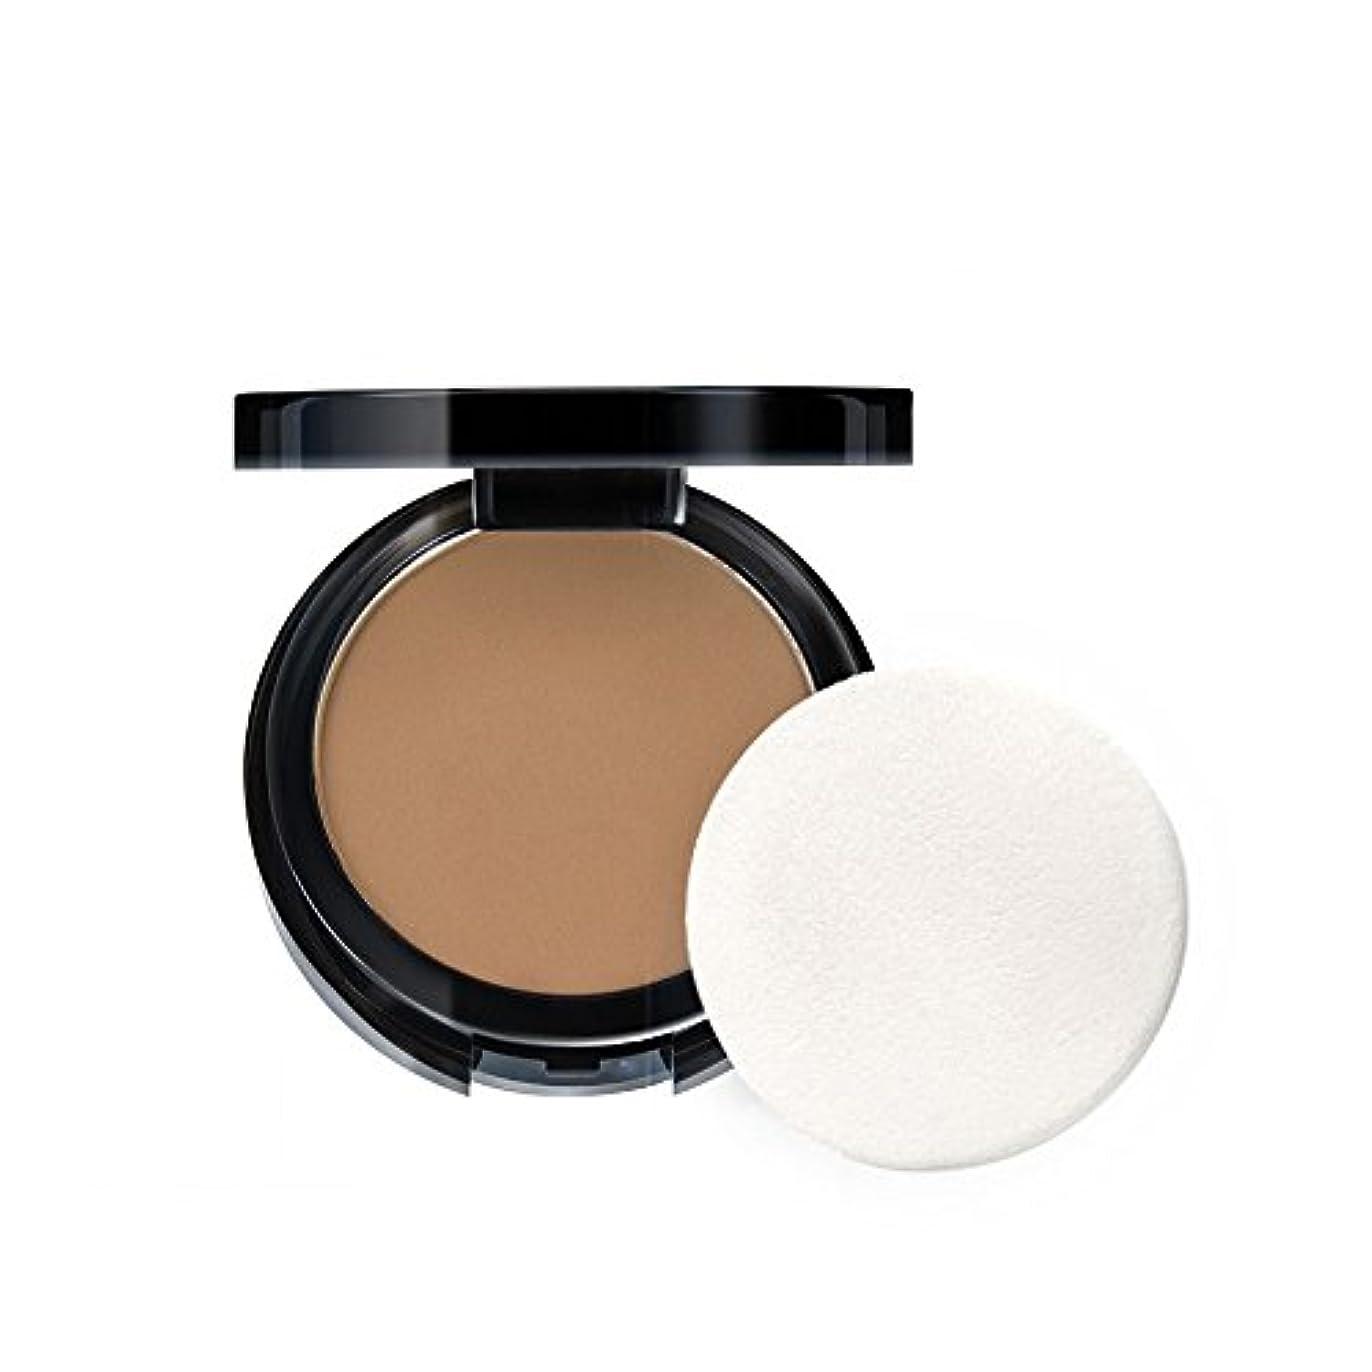 妨げる転倒ピストン(3 Pack) ABSOLUTE HD Flawless Powder Foundation - Honey Beige (並行輸入品)